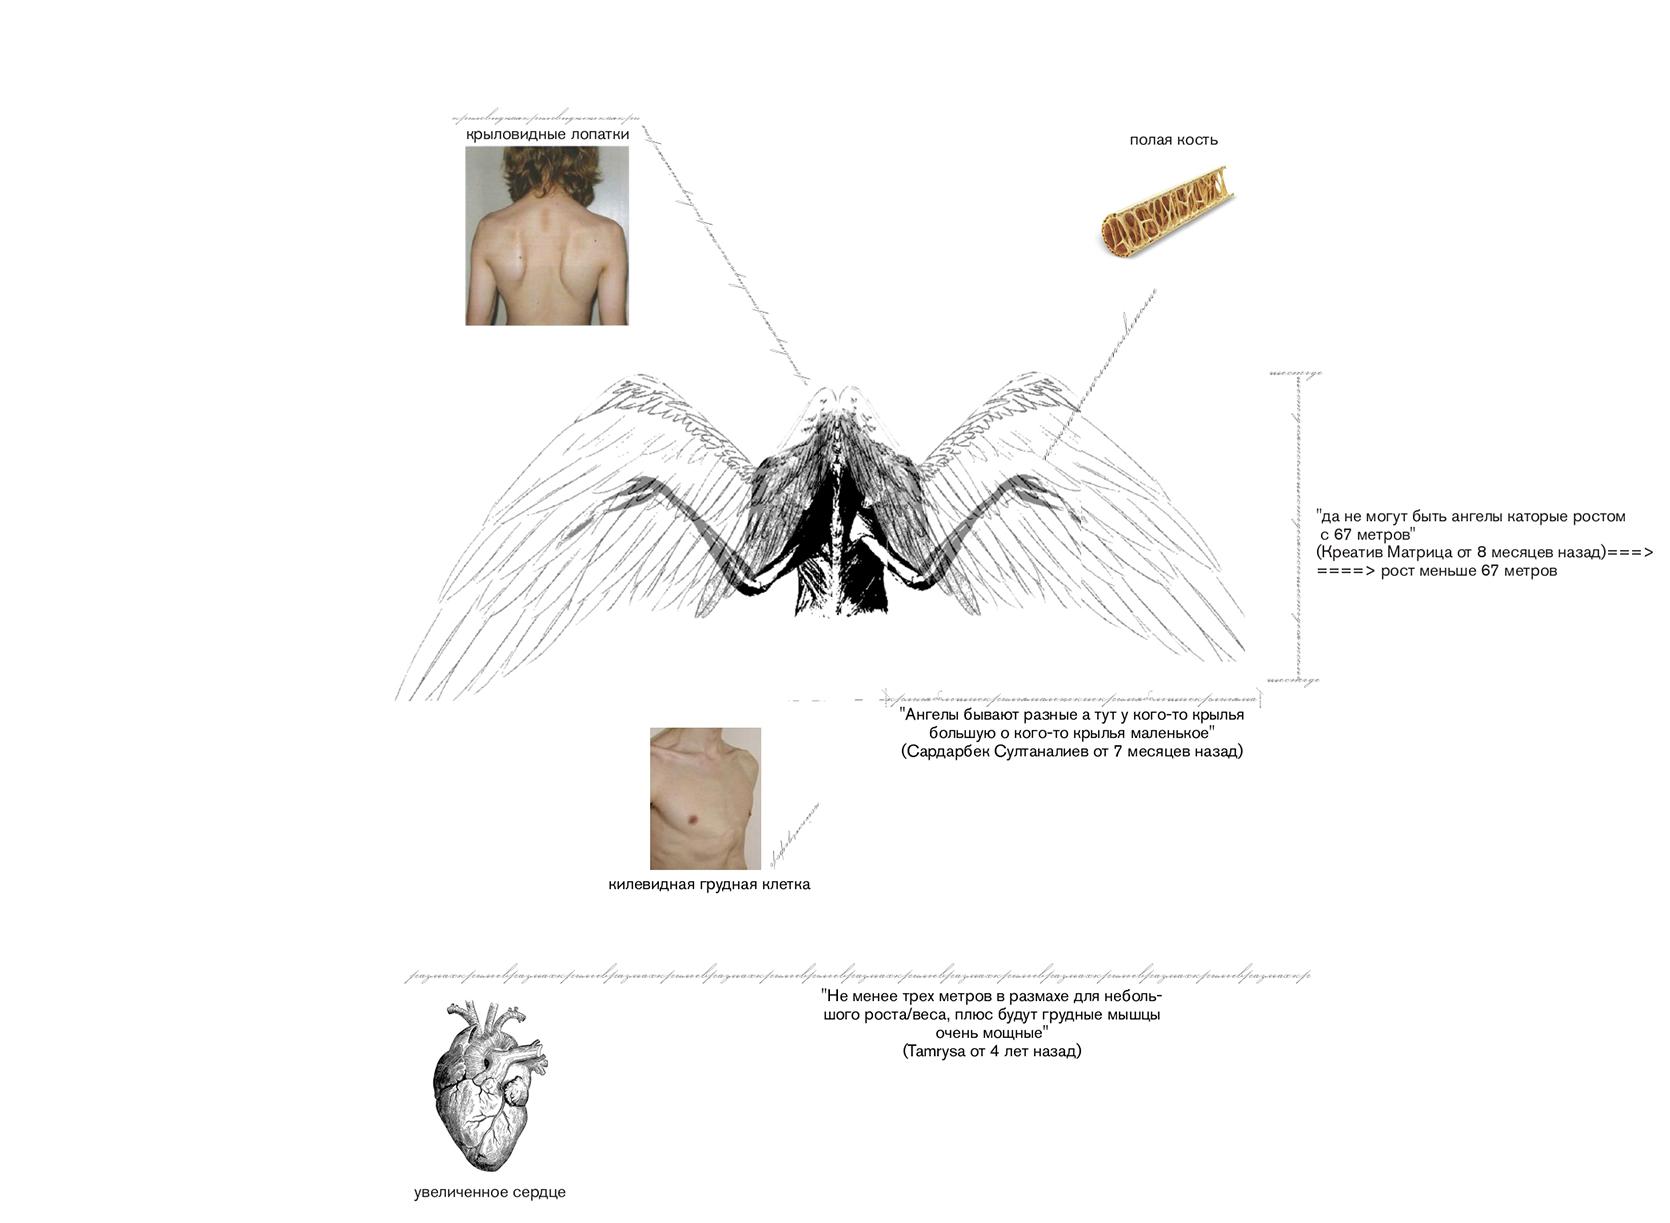 Первый анатомический уровень. Ангельская природа на пути нашего знания об анатомии